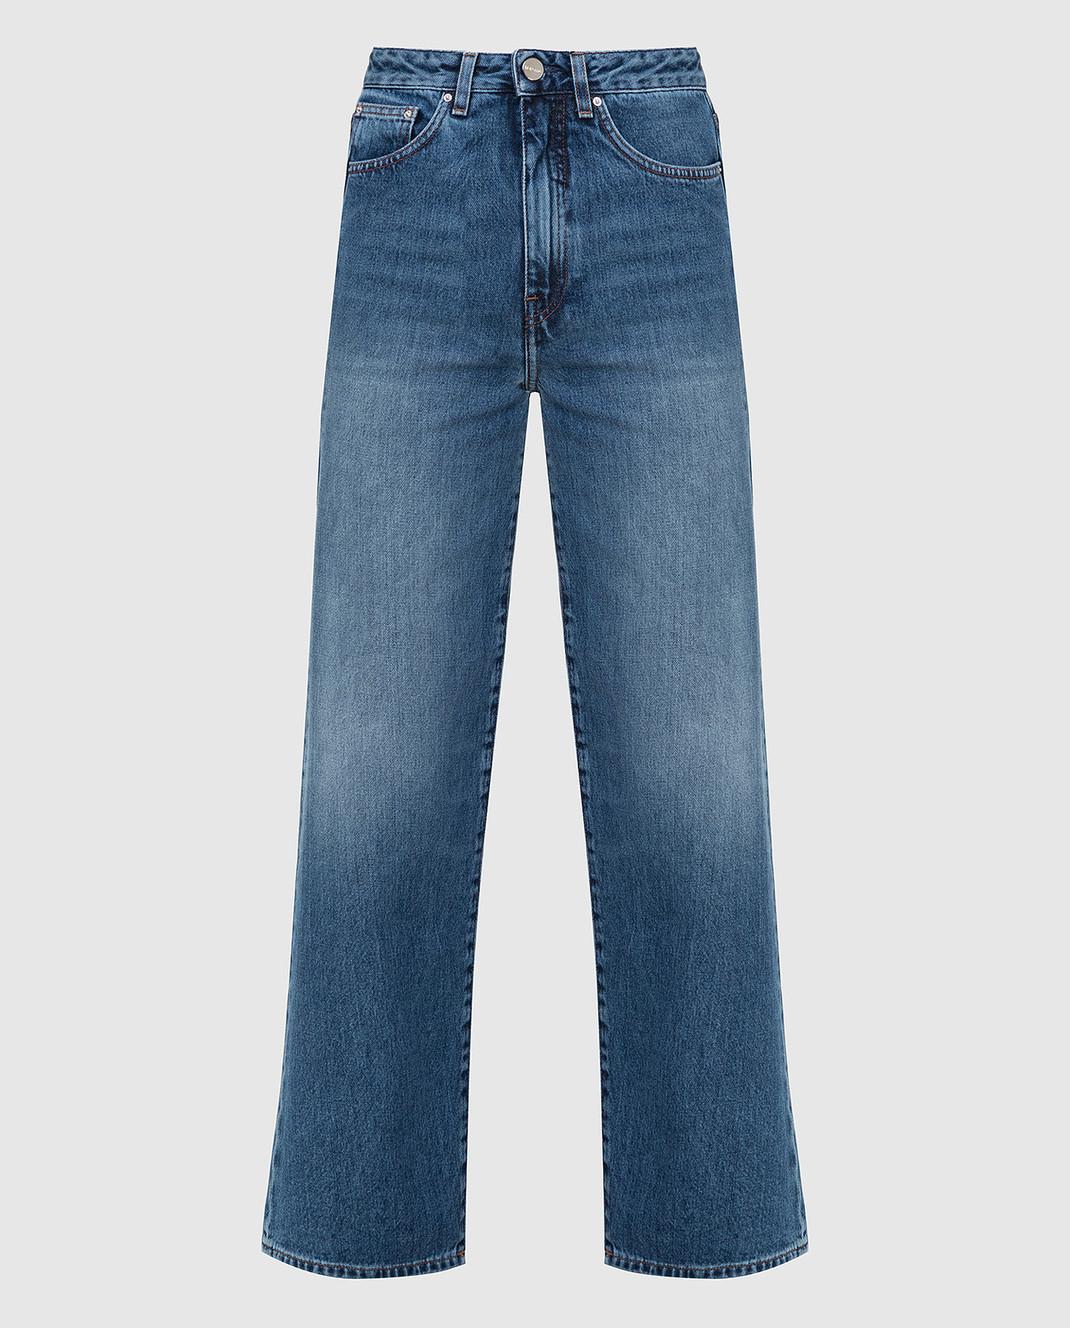 Toteme Синие джинсы изображение 1